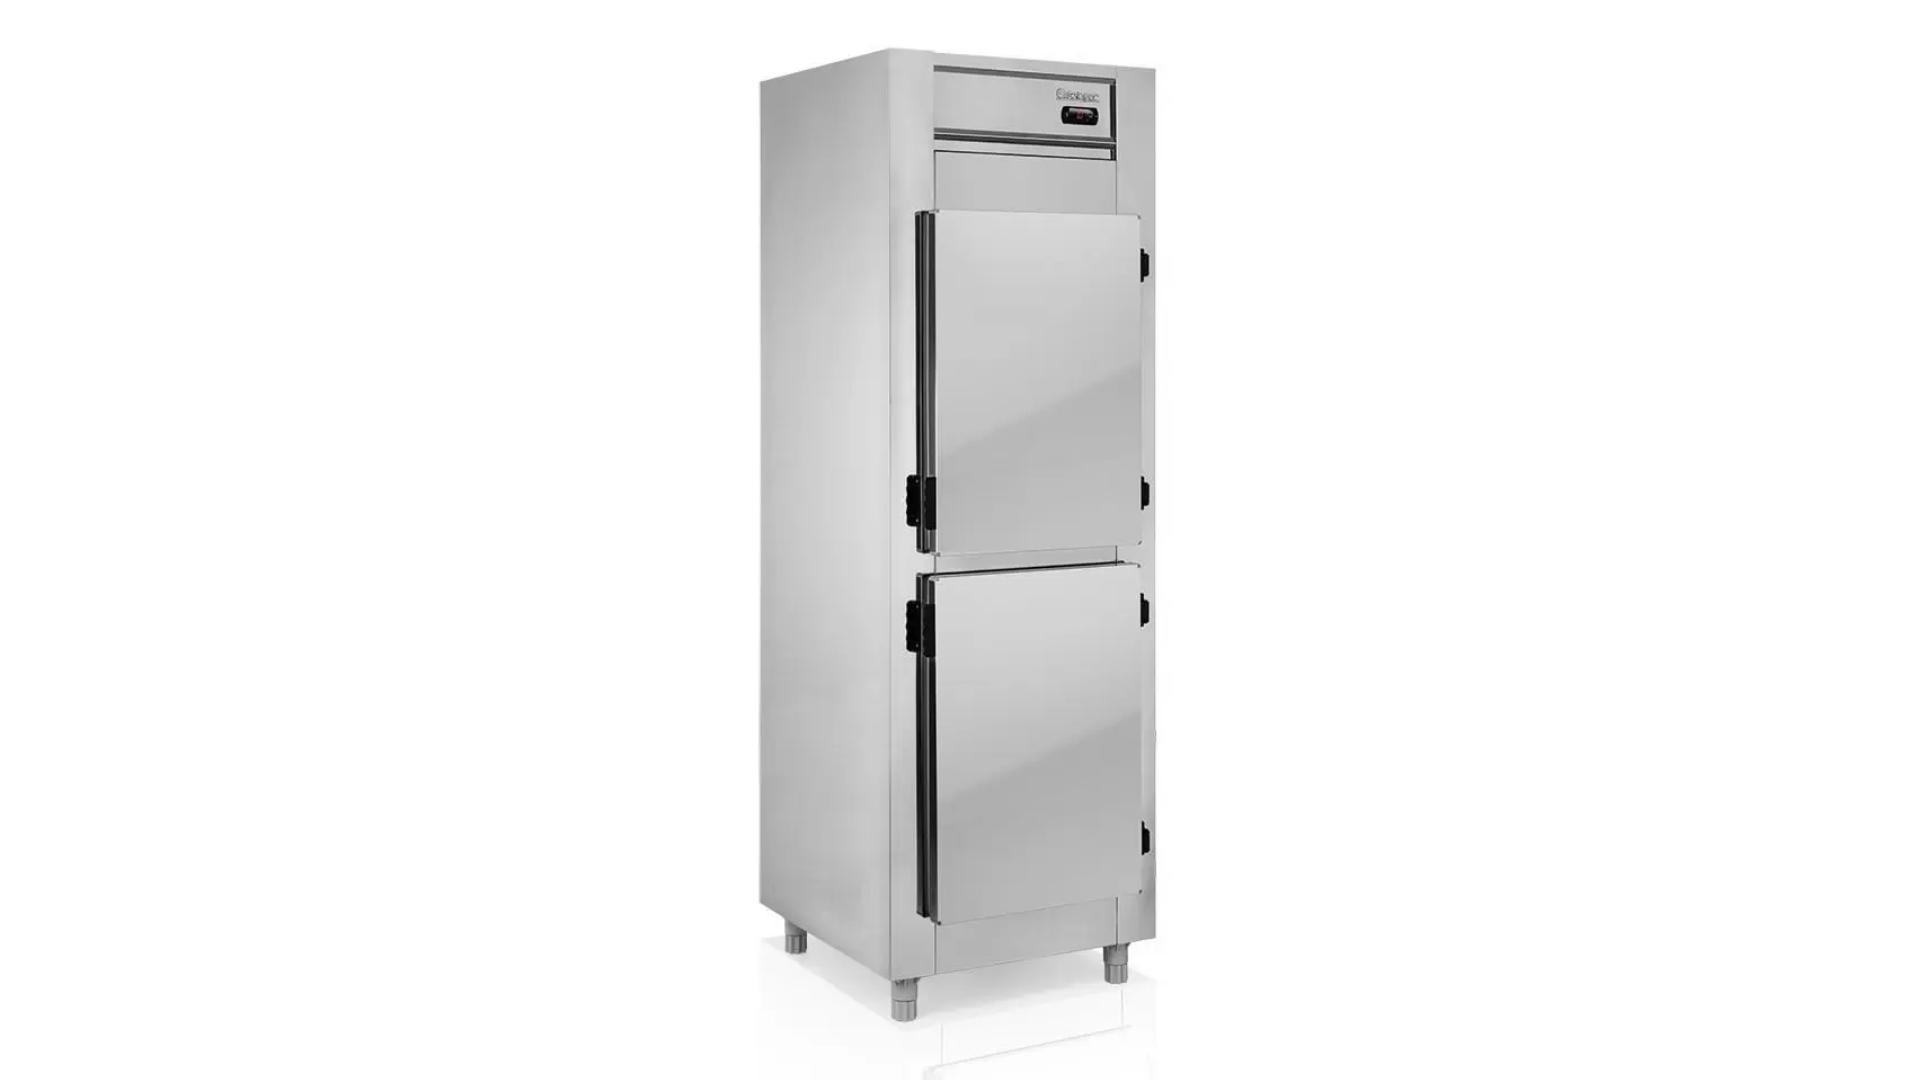 A marca Gelopar é referência entre as geladeiras industriais. (Imagem: Divulgação/Gelopar)